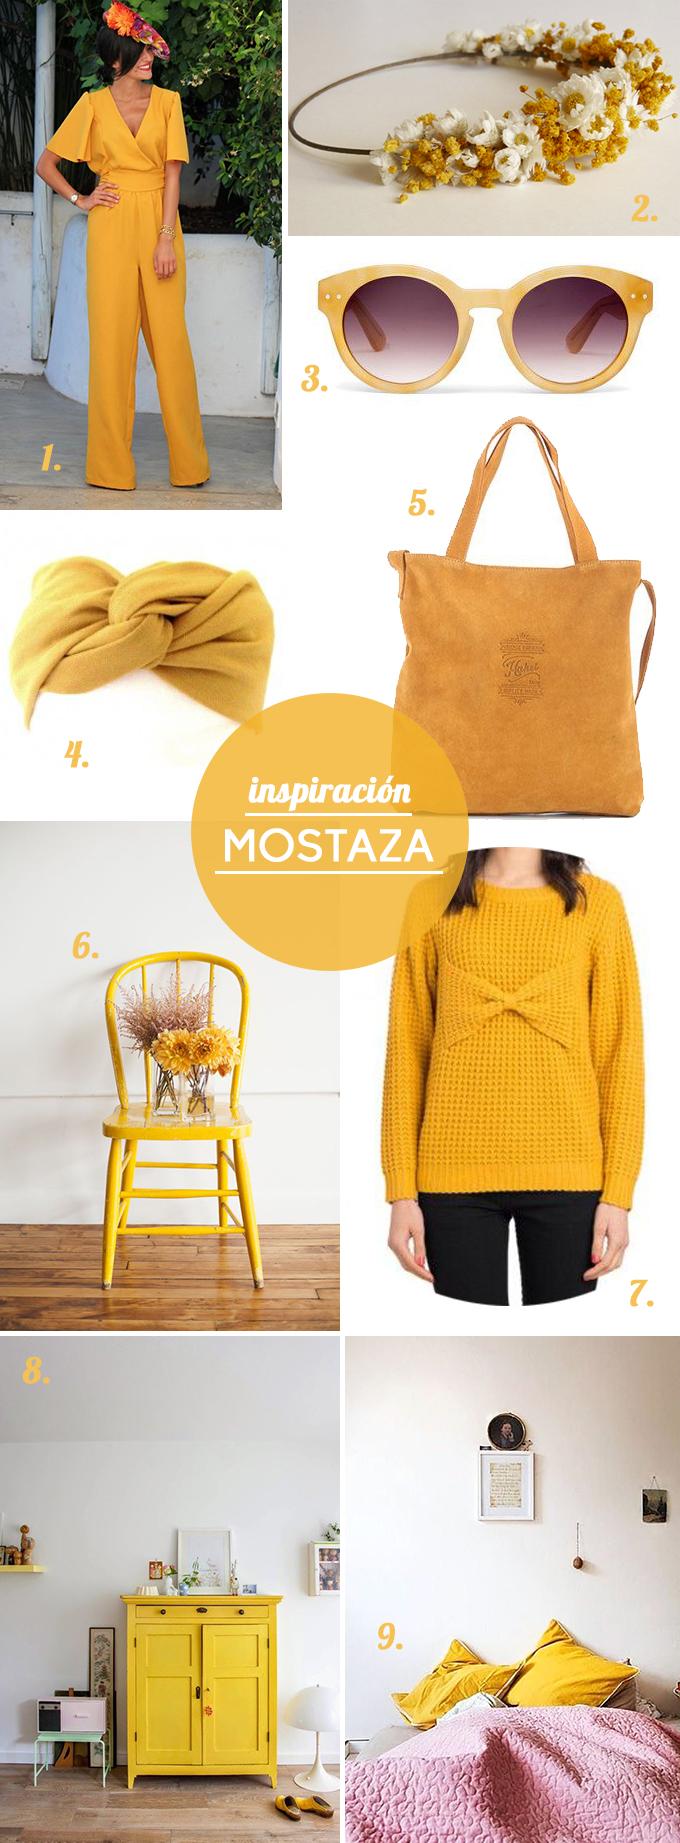 inpiración color mostaza